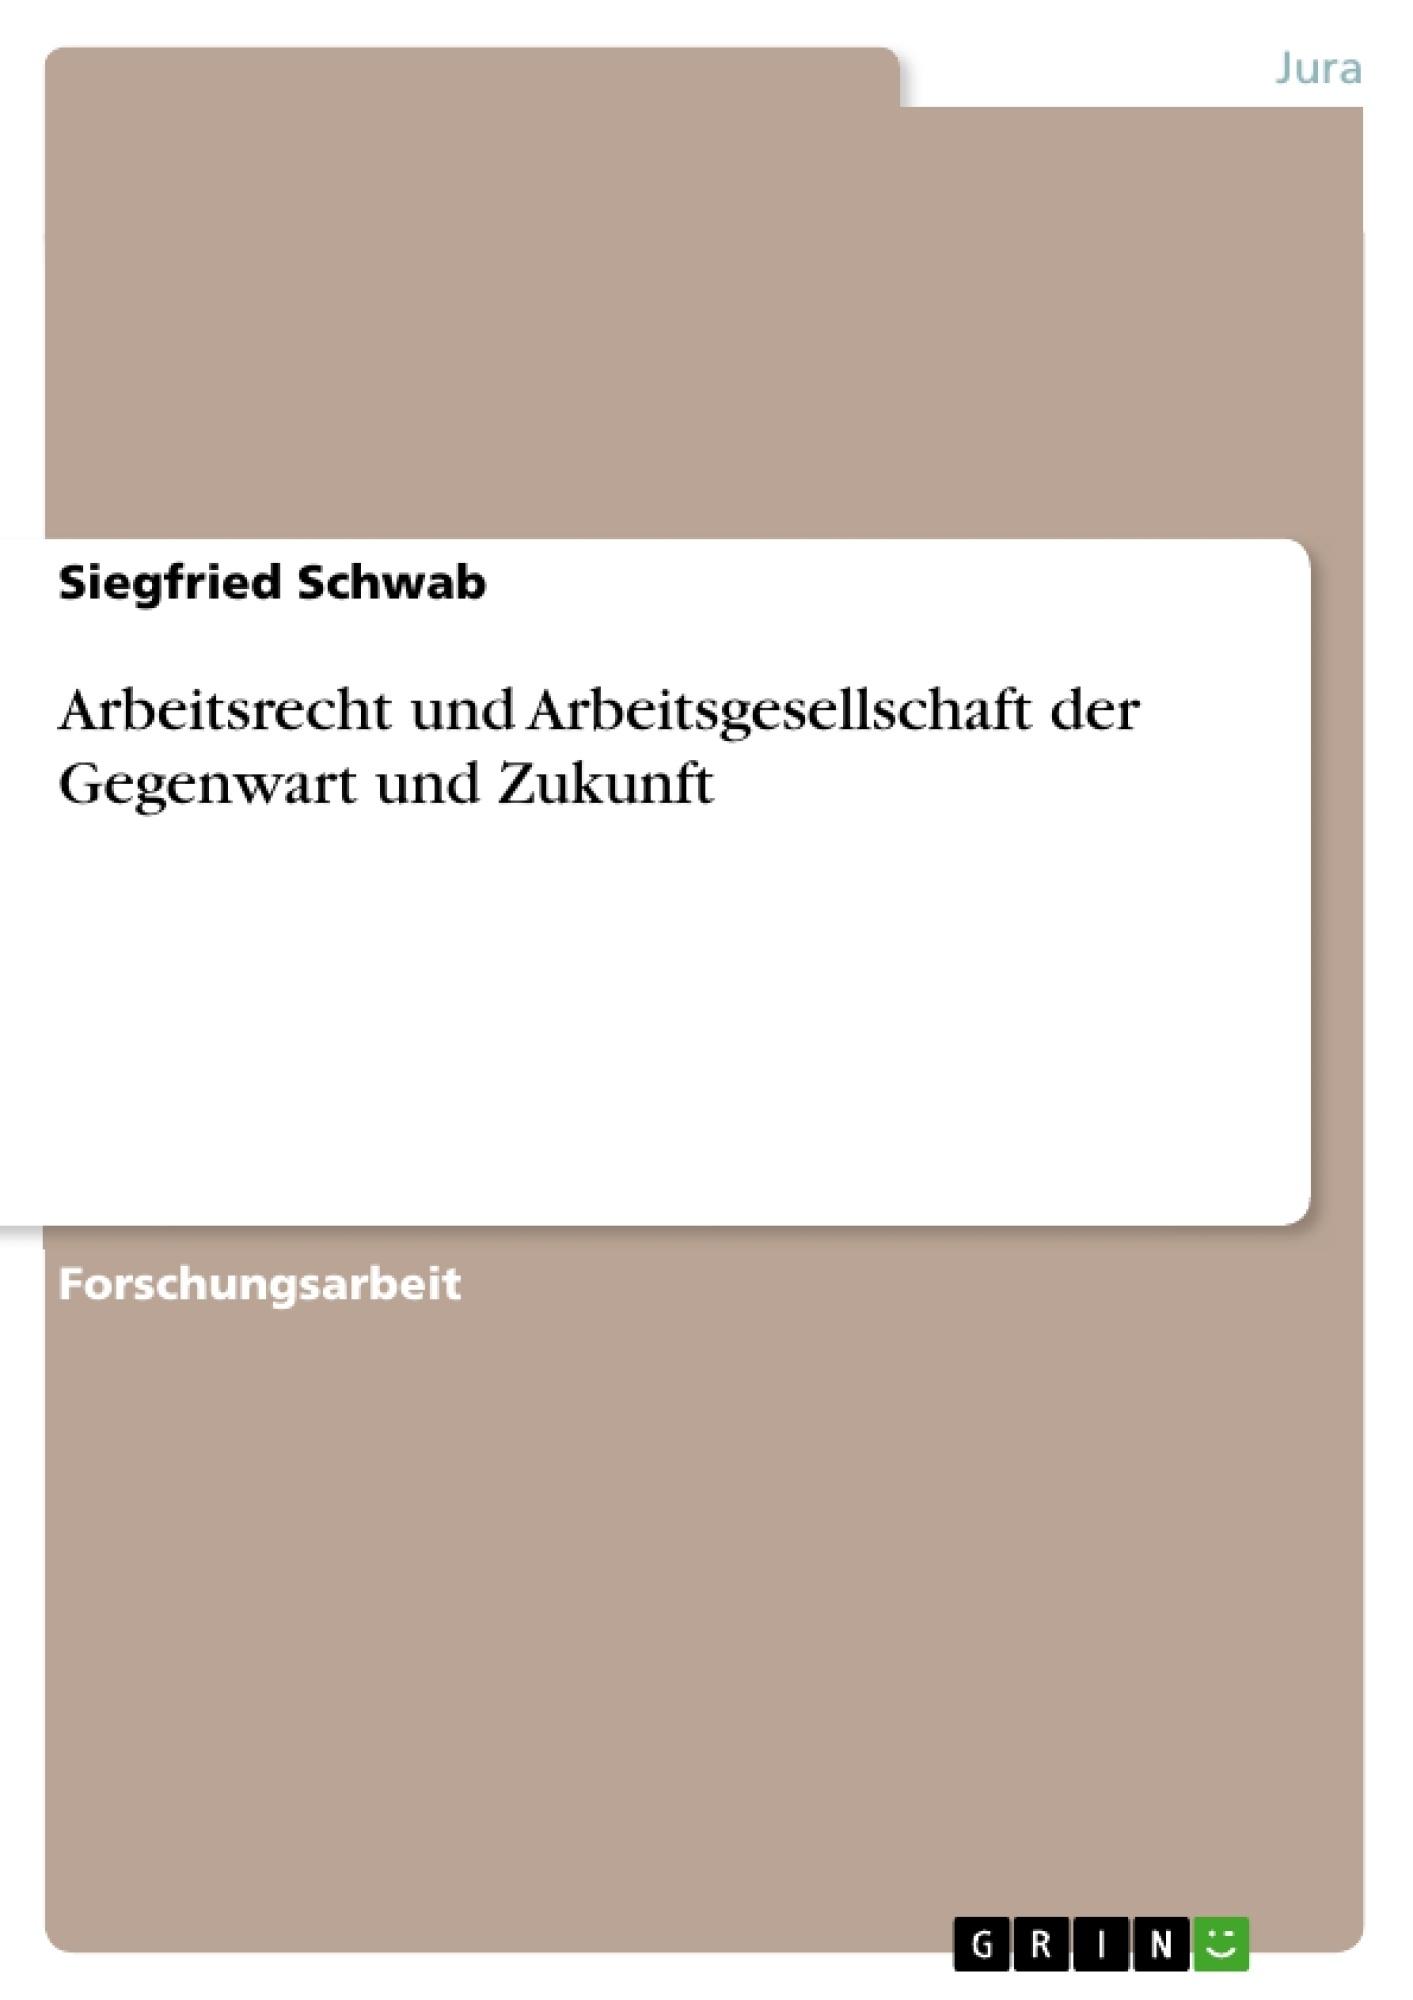 Titel: Arbeitsrecht und Arbeitsgesellschaft der Gegenwart und Zukunft